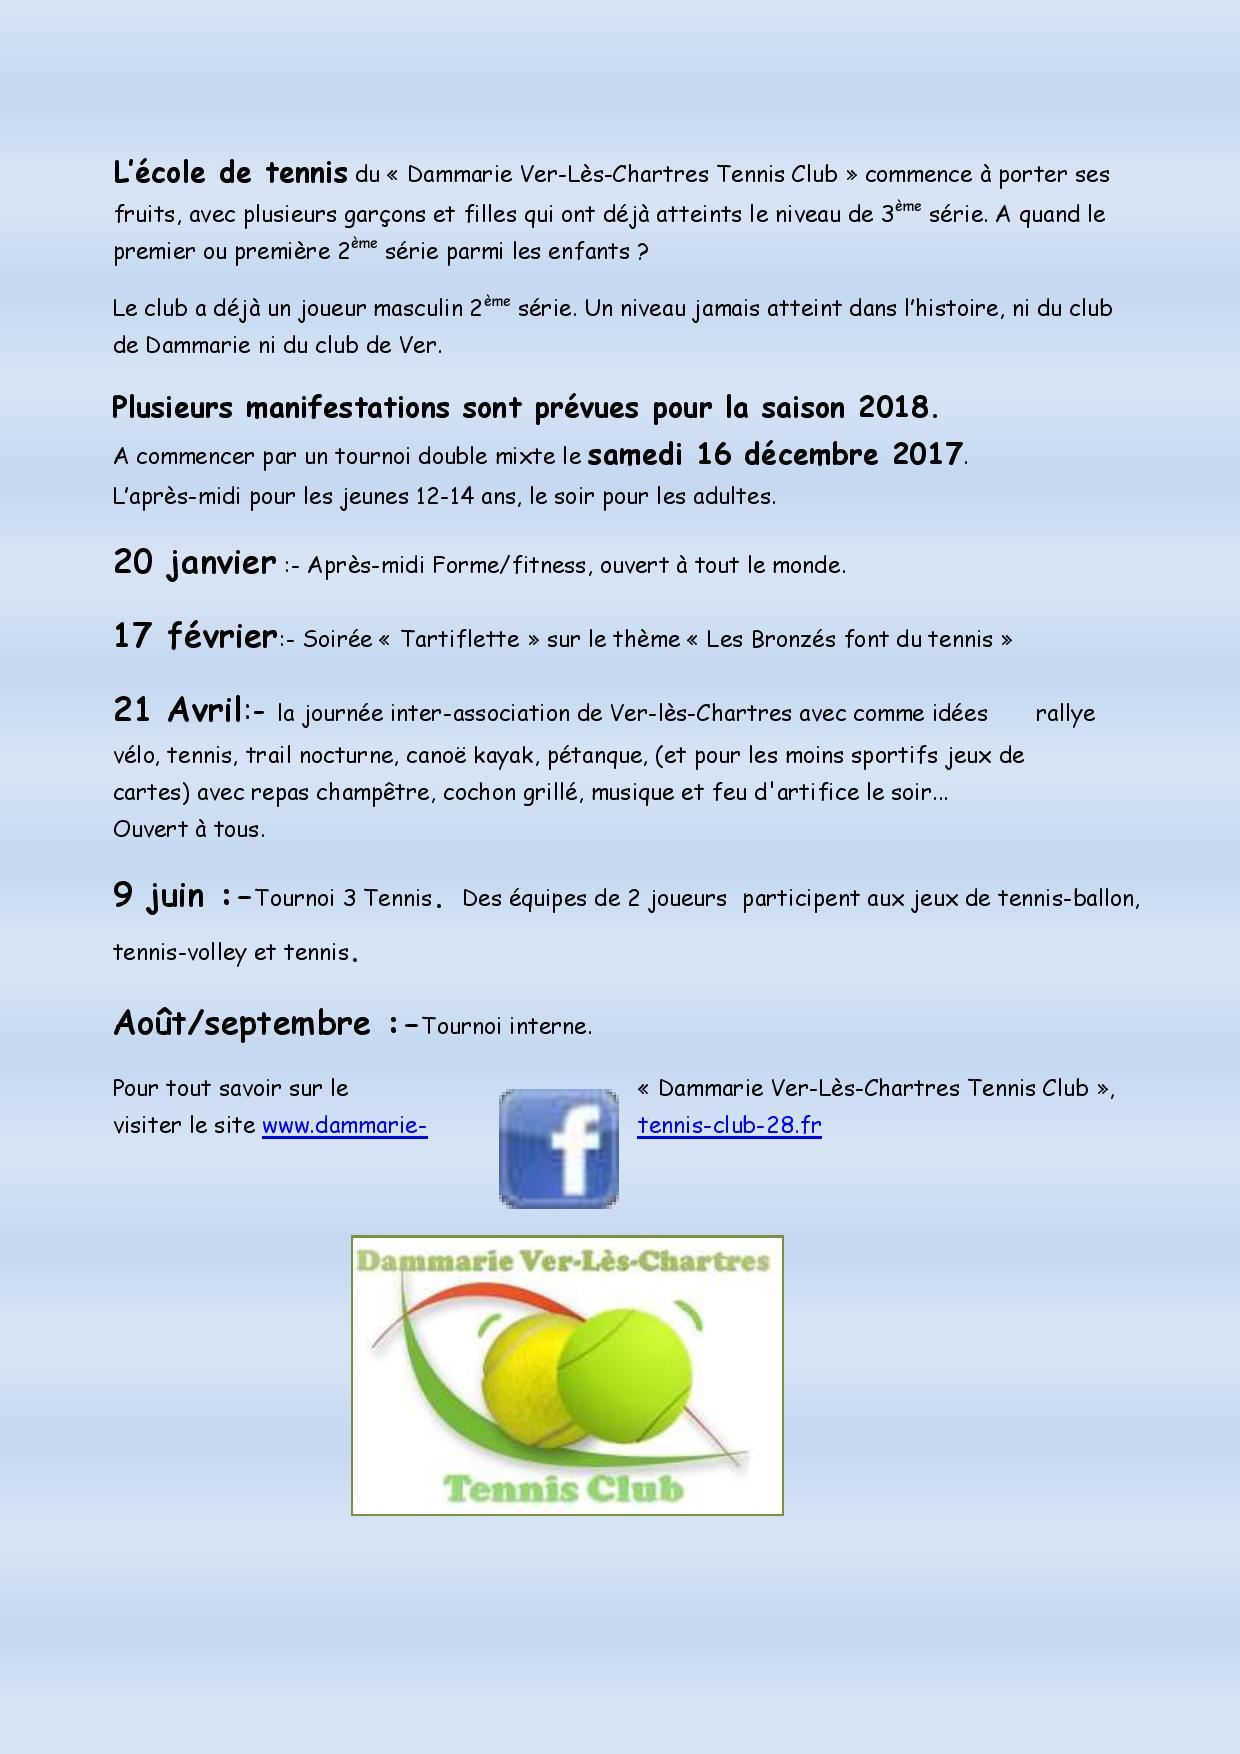 Site de ver tennis page 002